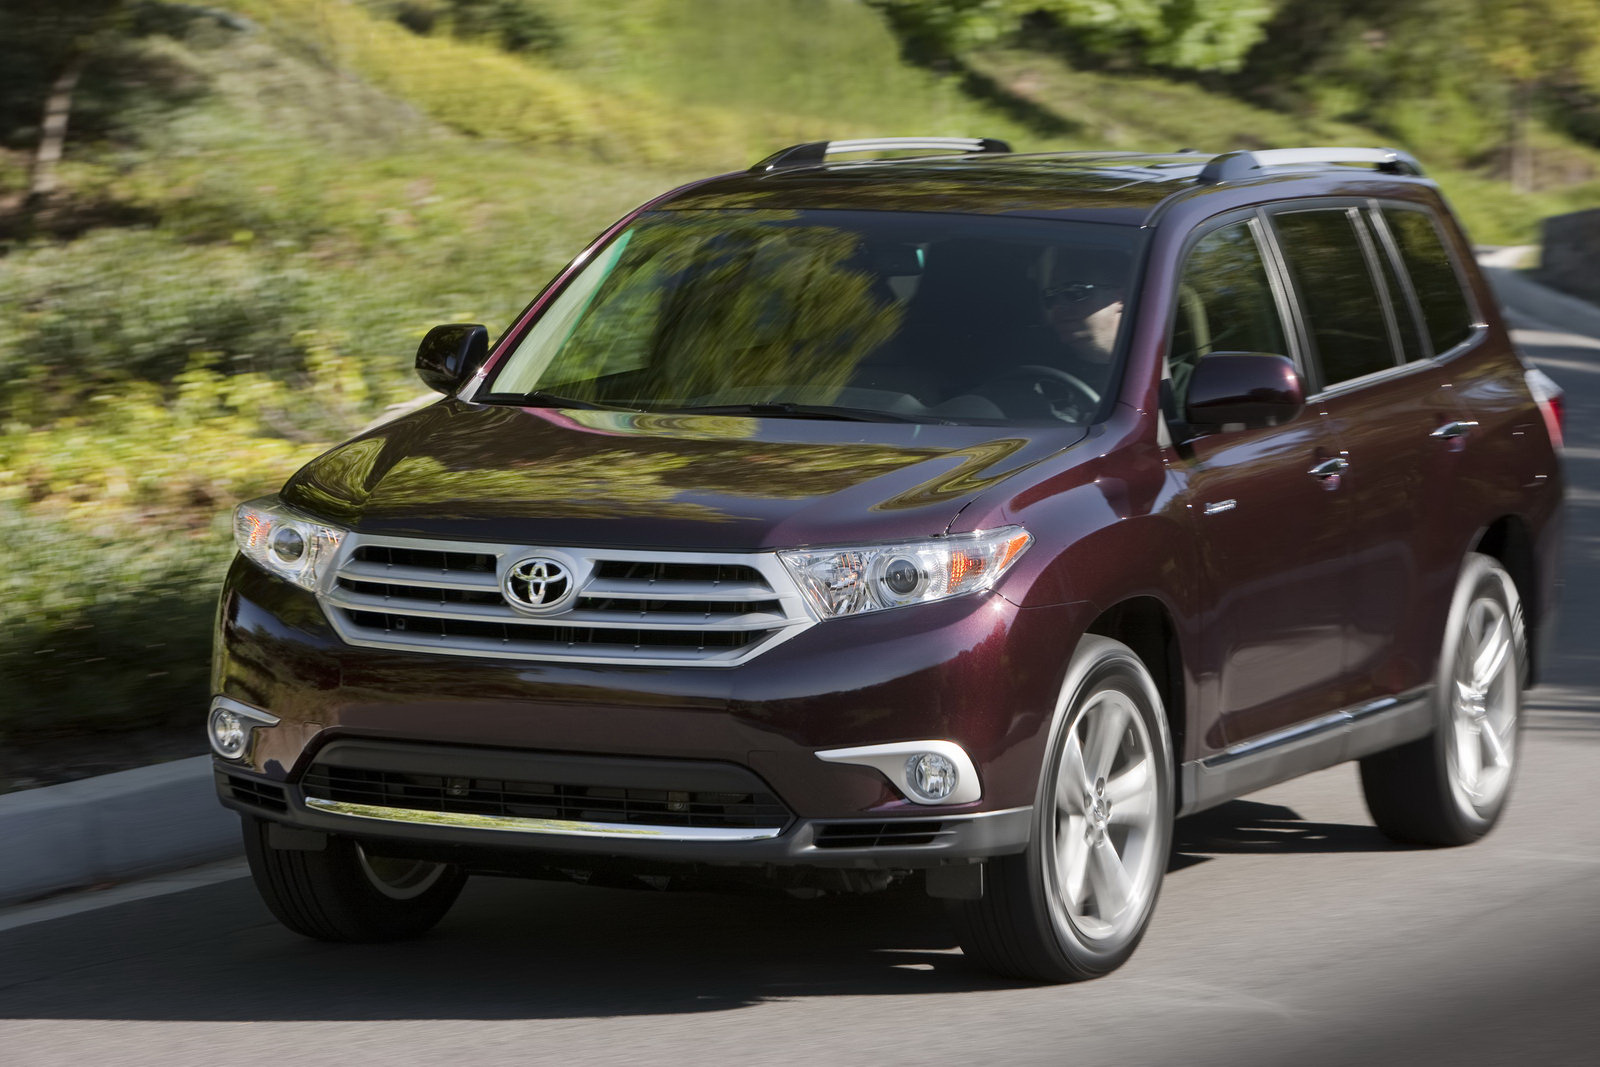 2011 Toyota Highlander Official Review-1.bp.blogspot.com